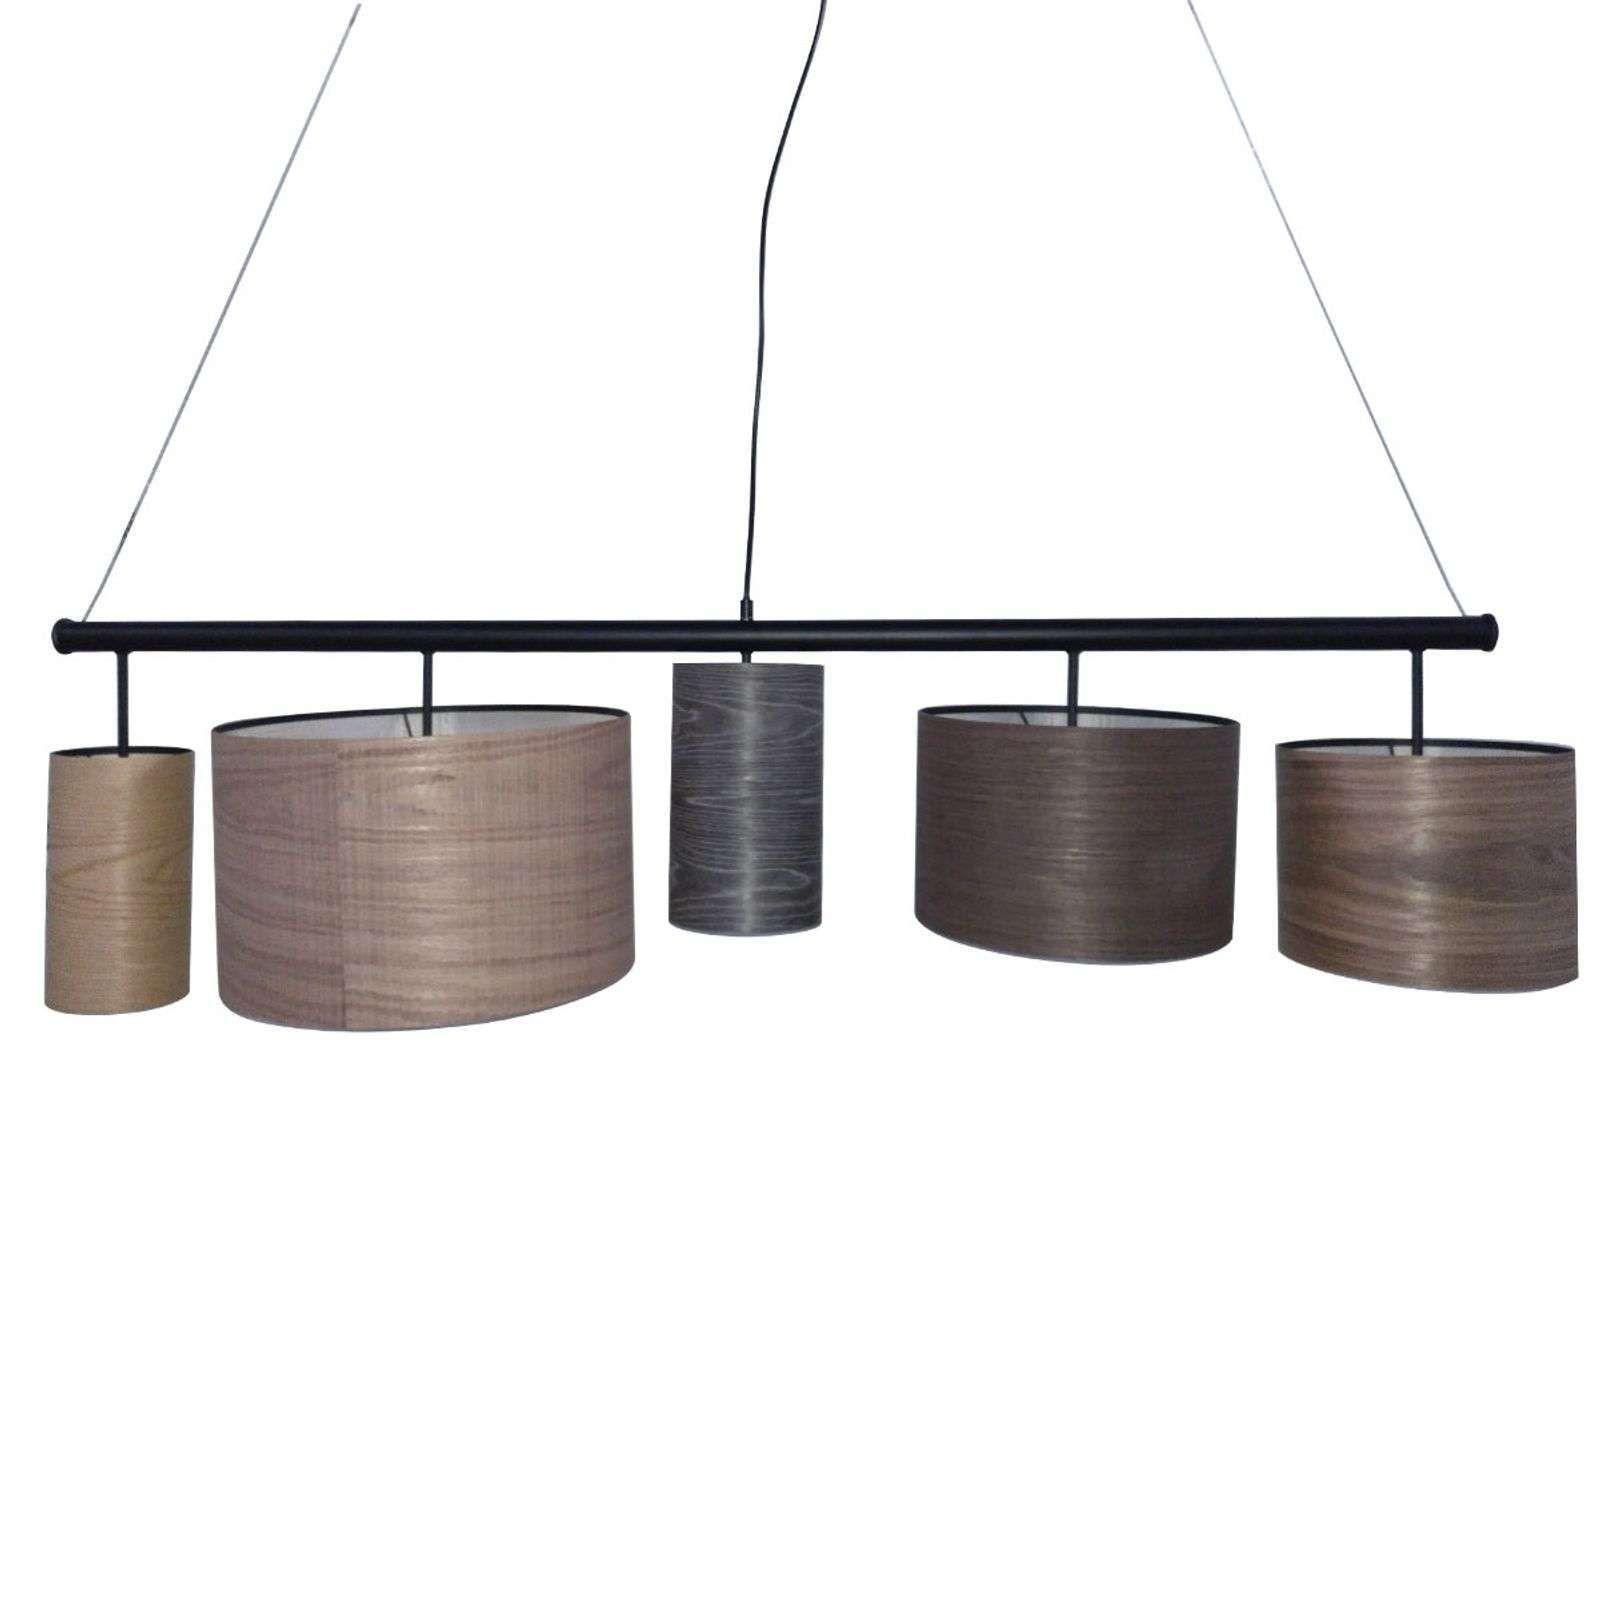 Wohnzimmertisch Pendelleuchte Led Hängelampe Esszimmer Moderne Pendelleuchte Esstisch Pendelleuchte Kugel Led Led Pe Hanging Lights Lamp Ceiling Lights